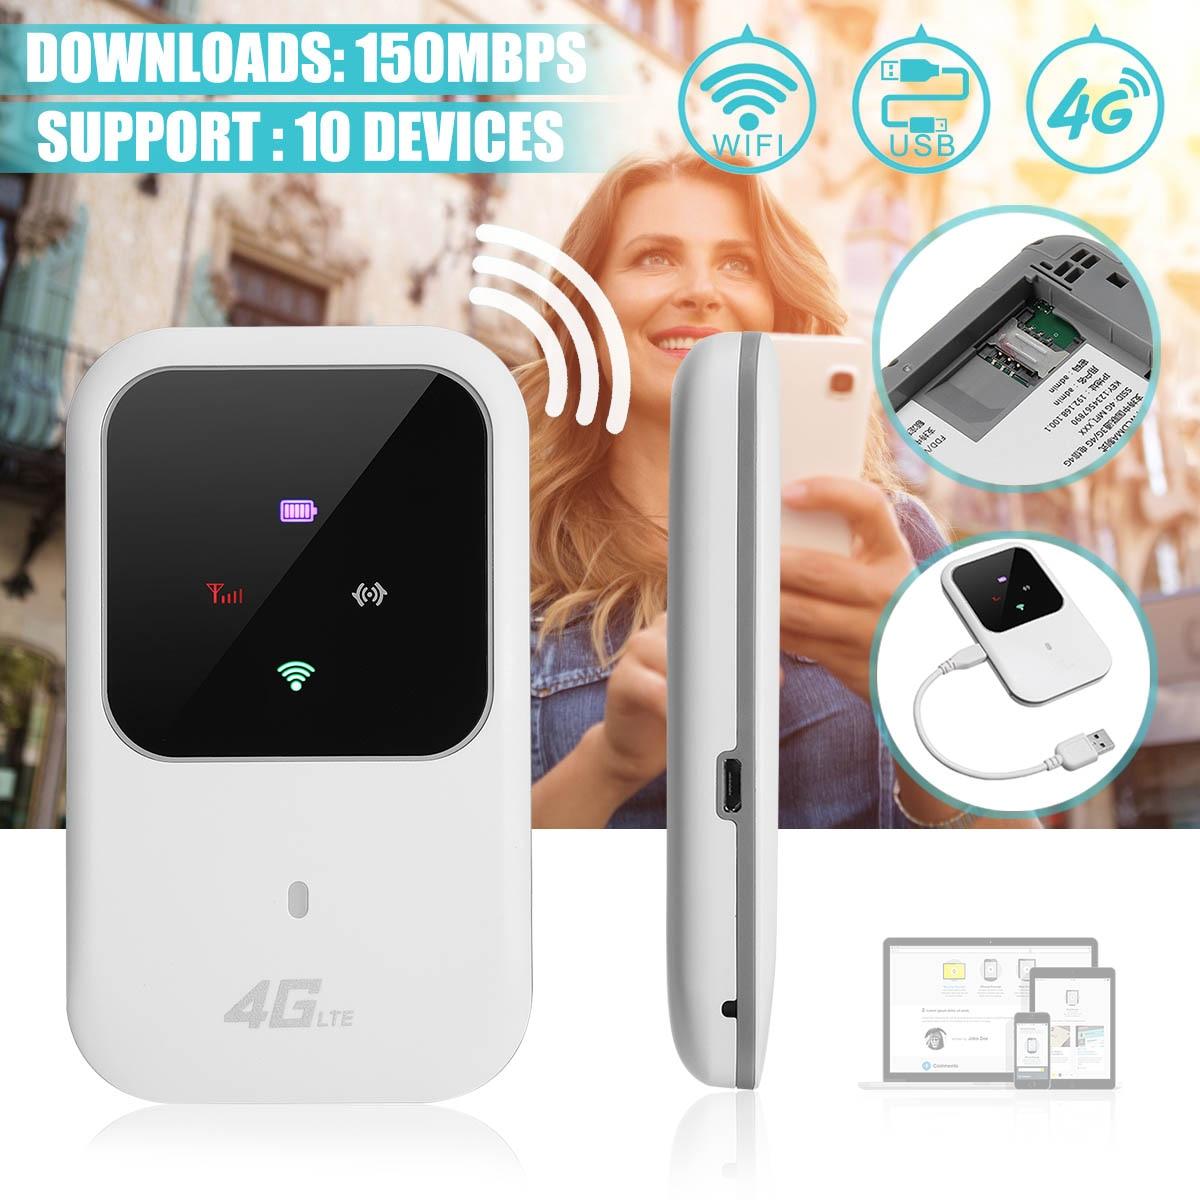 4G LTE Mobile routeur wifi sans fil Hotspot led Lumières Soutient 10 Utilisateurs Portable modem routeur pour la voiture Accueil Mobile Voyage Camping